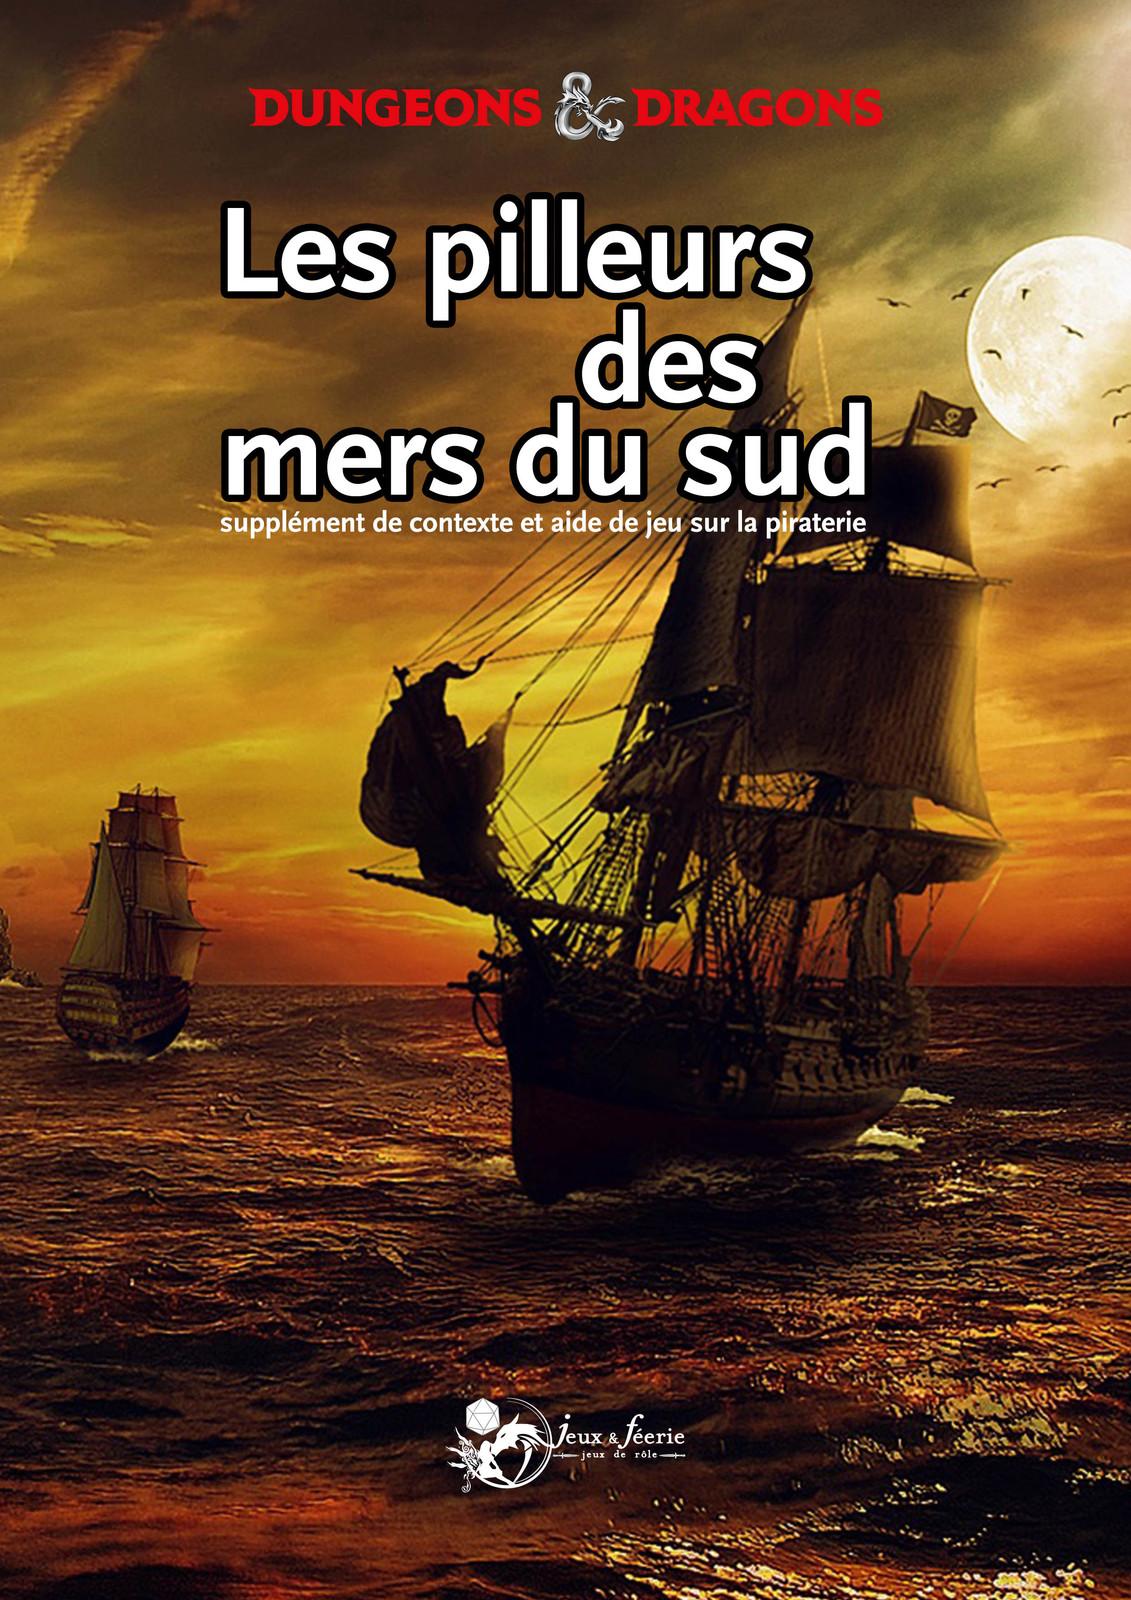 Les pirates des mers du Sud